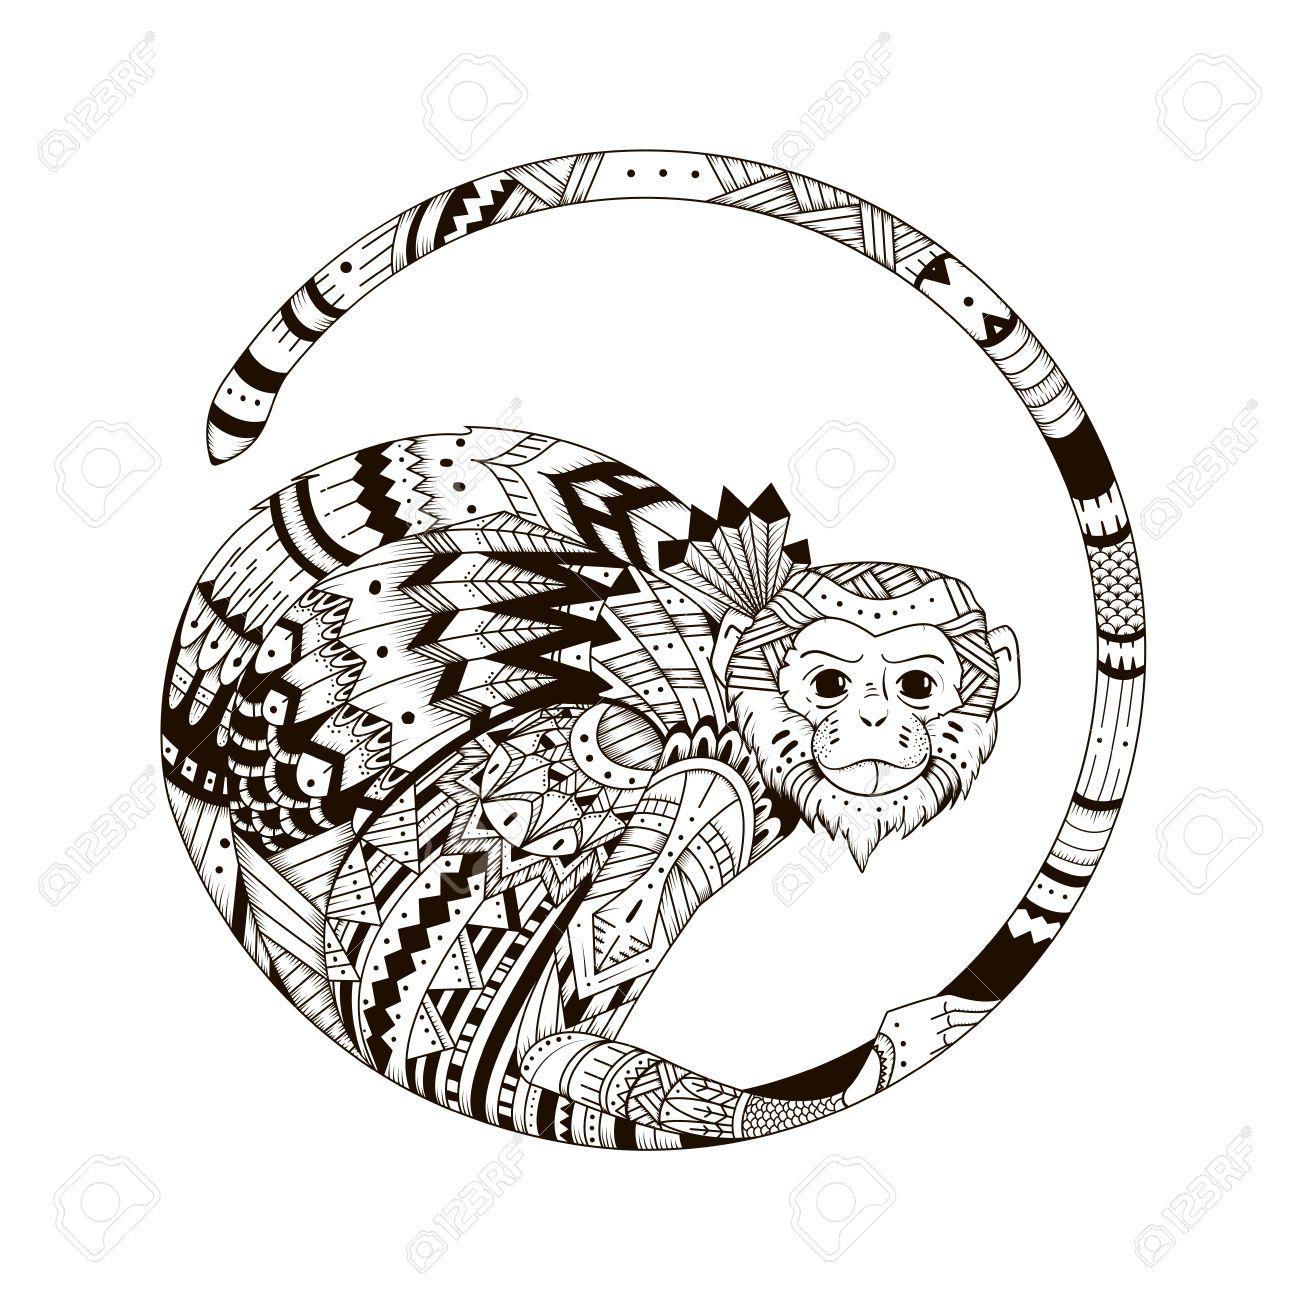 Vecteur style singe zentangl illustration graphique de style de zentangle 2016 croquis du - Coloriage petit singe ...